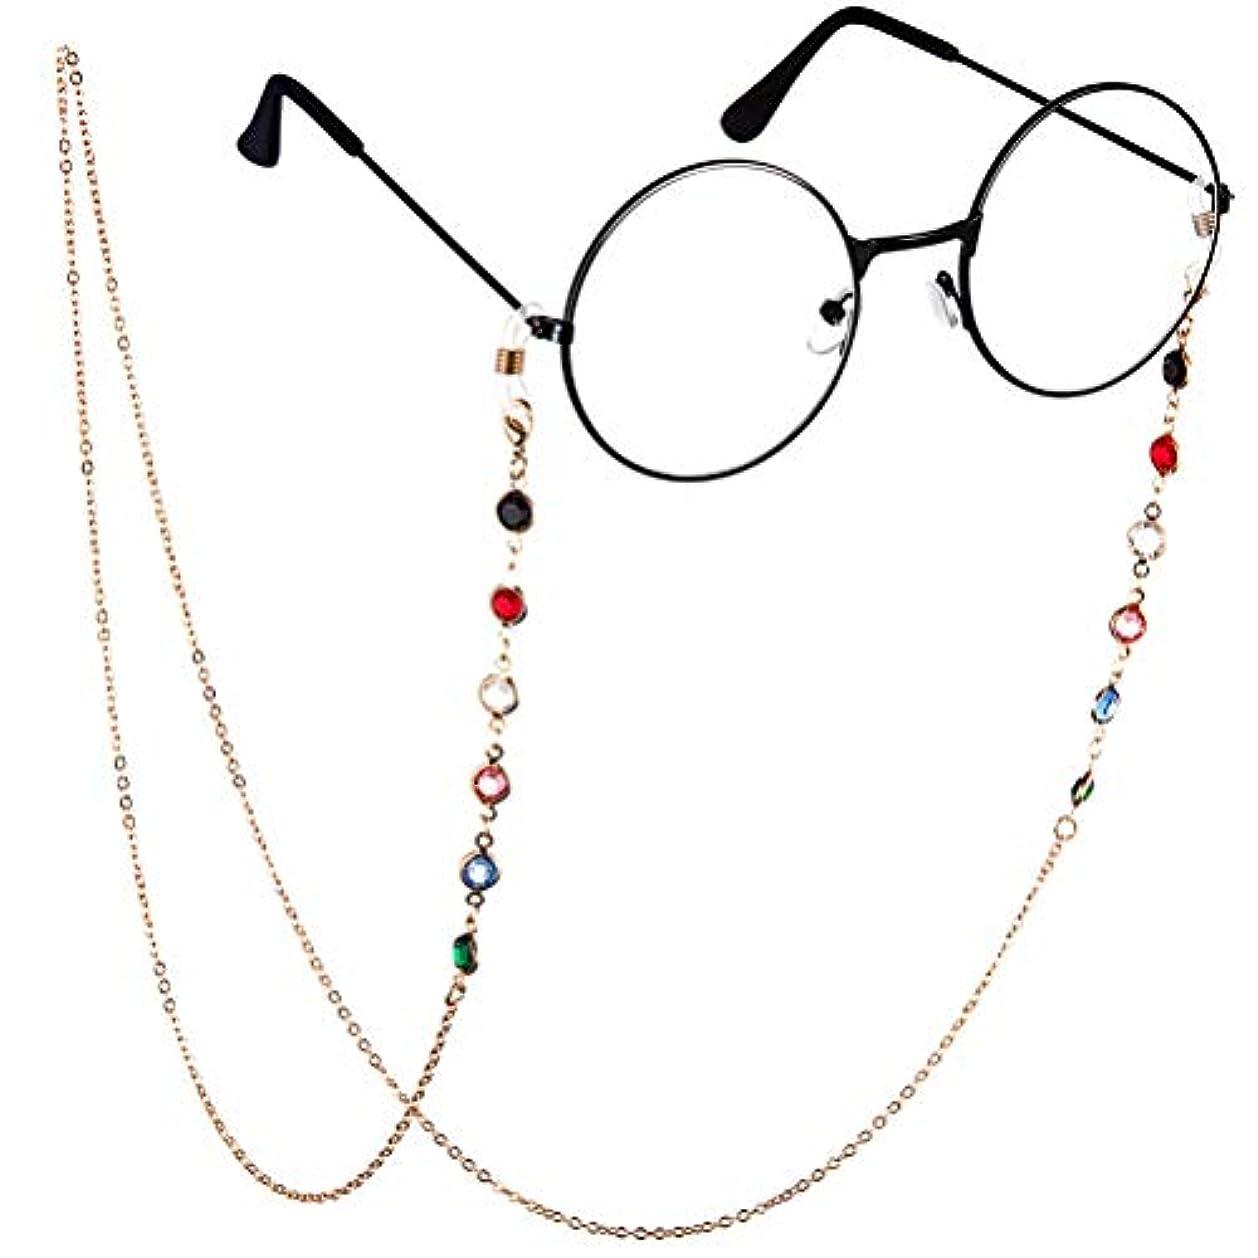 魅力的であることへのアピール暗殺おそらくBTSMAT ファッションジェムメガネチェーンメガネ老眼鏡メガネメガネホルダーストラップストラップ